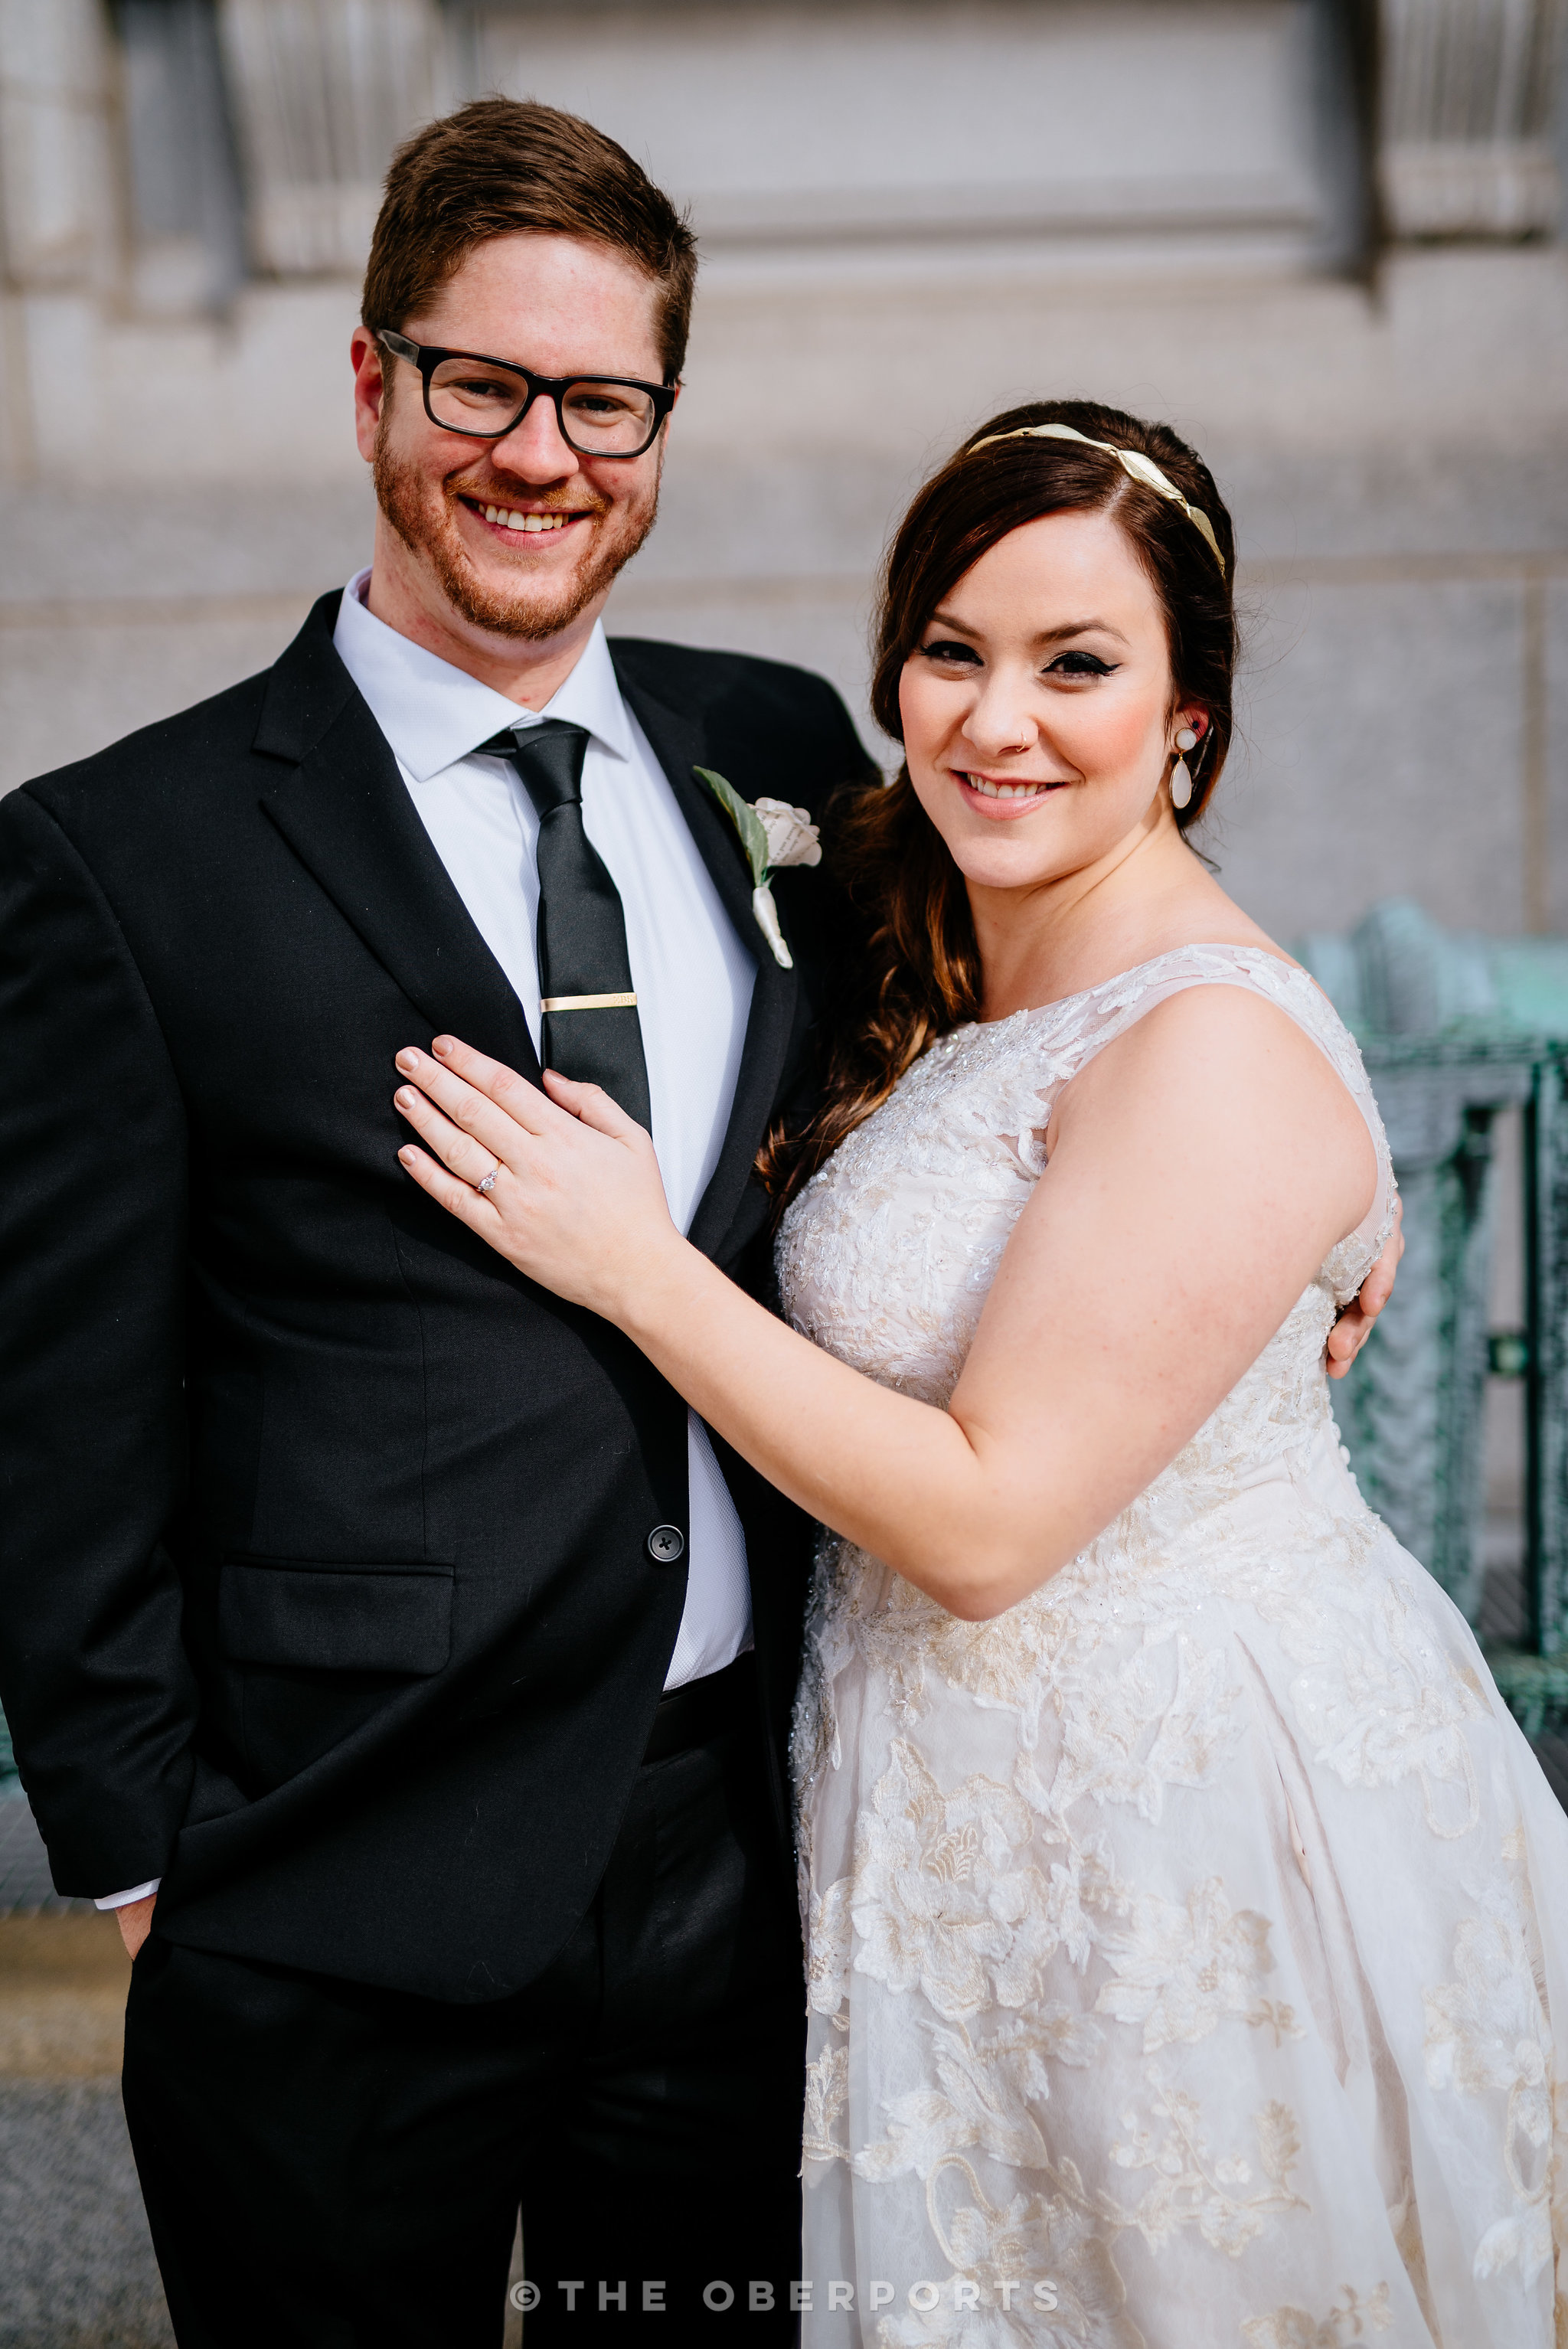 katemike-wedding-137.jpg